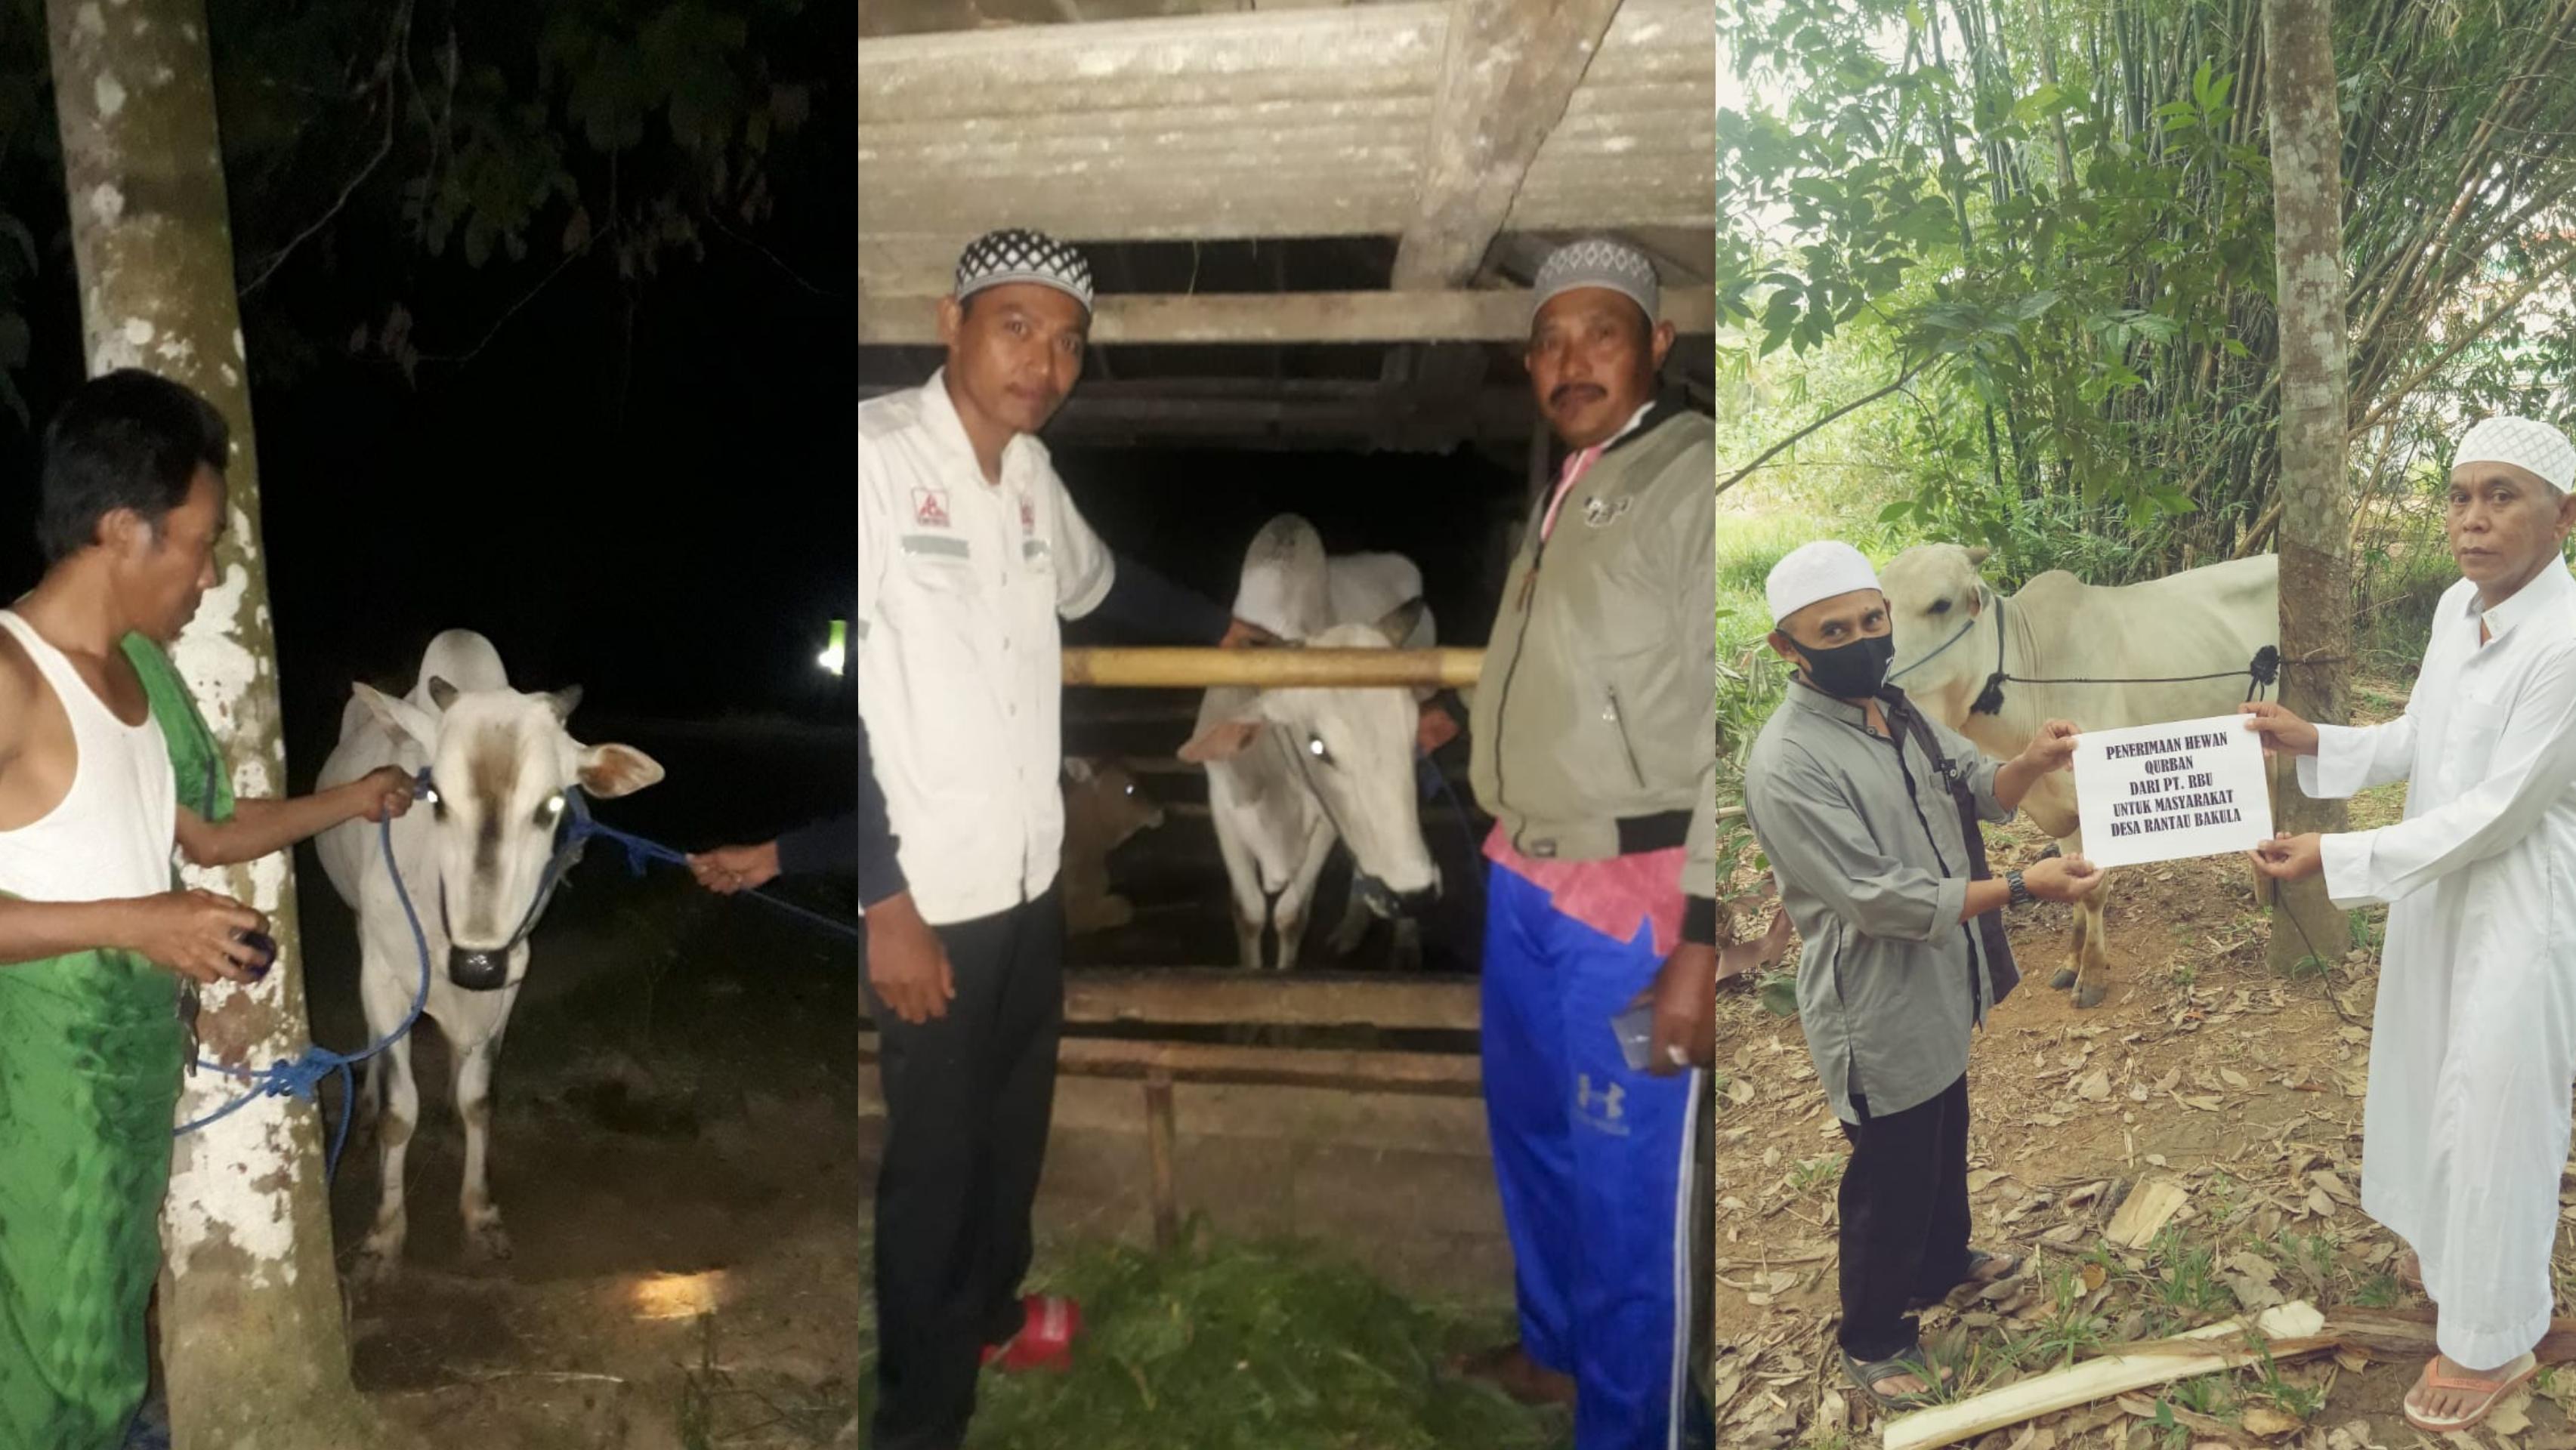 PT RBU GROUP Serahkan Bantuan 3 Ekor Sapi Qurban untuk Warga Sekitar Tambang